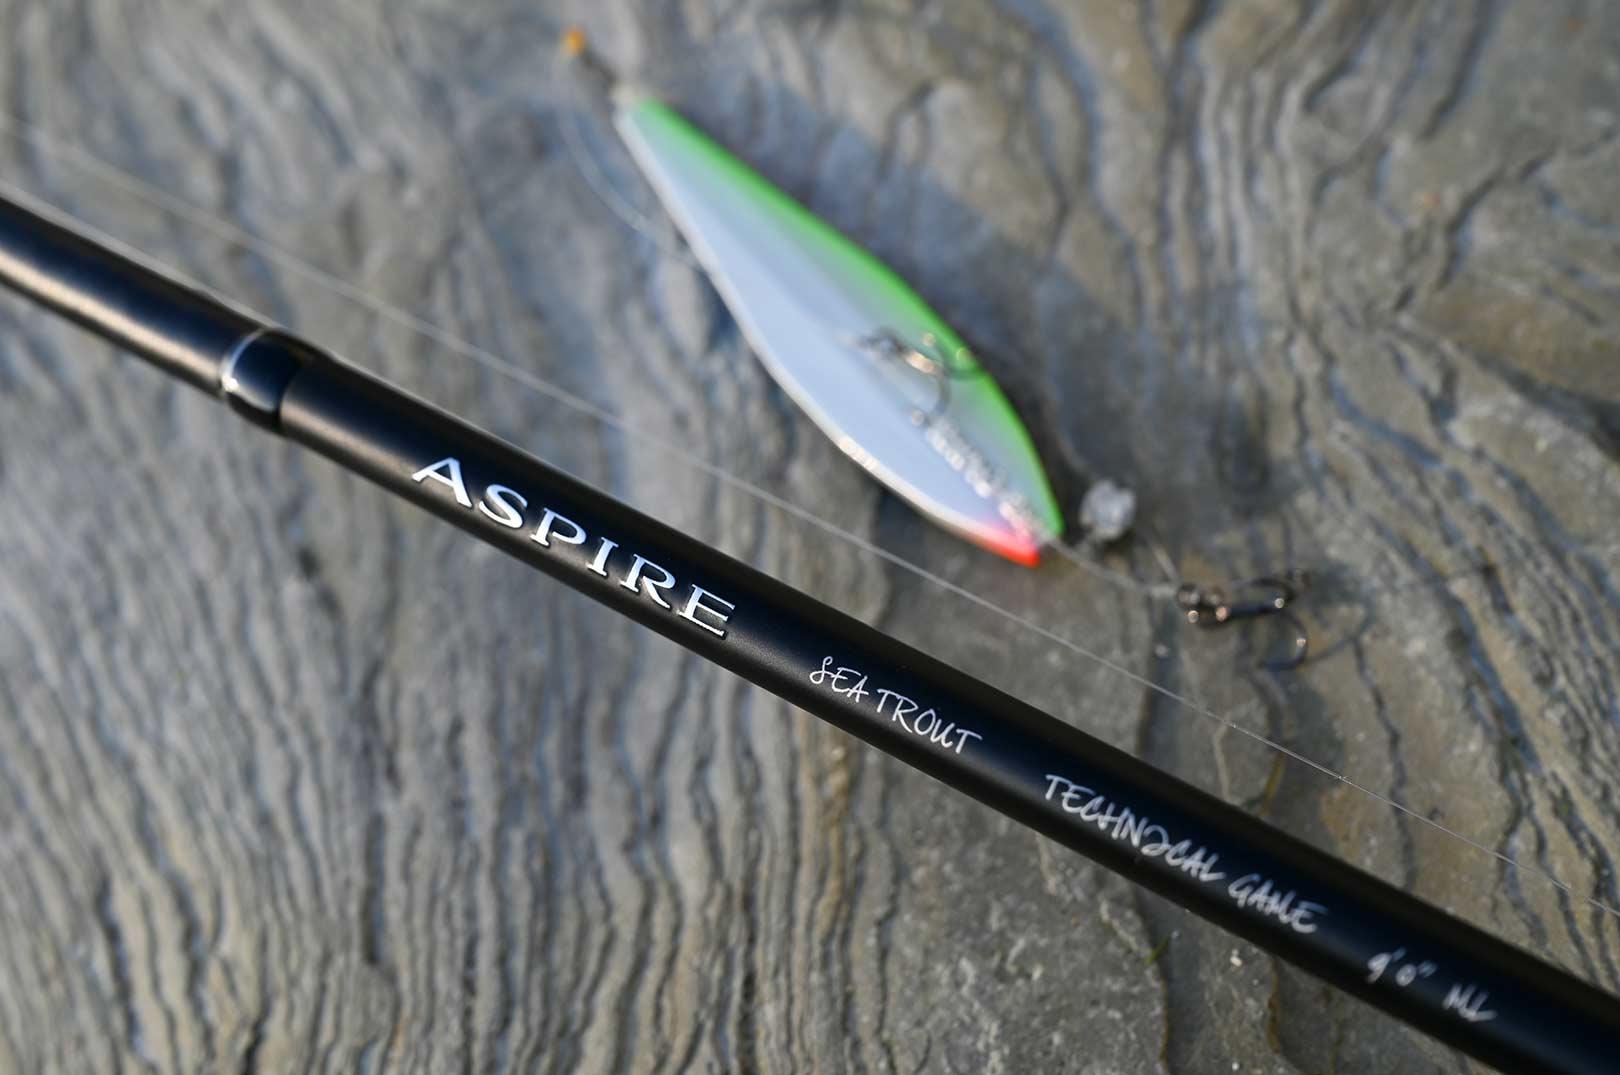 Den nye Shimano Aspire Sea Trout er en super sprød nyhed, der vil kunne tilfredstille selv den mest kræsne feinschmecker.